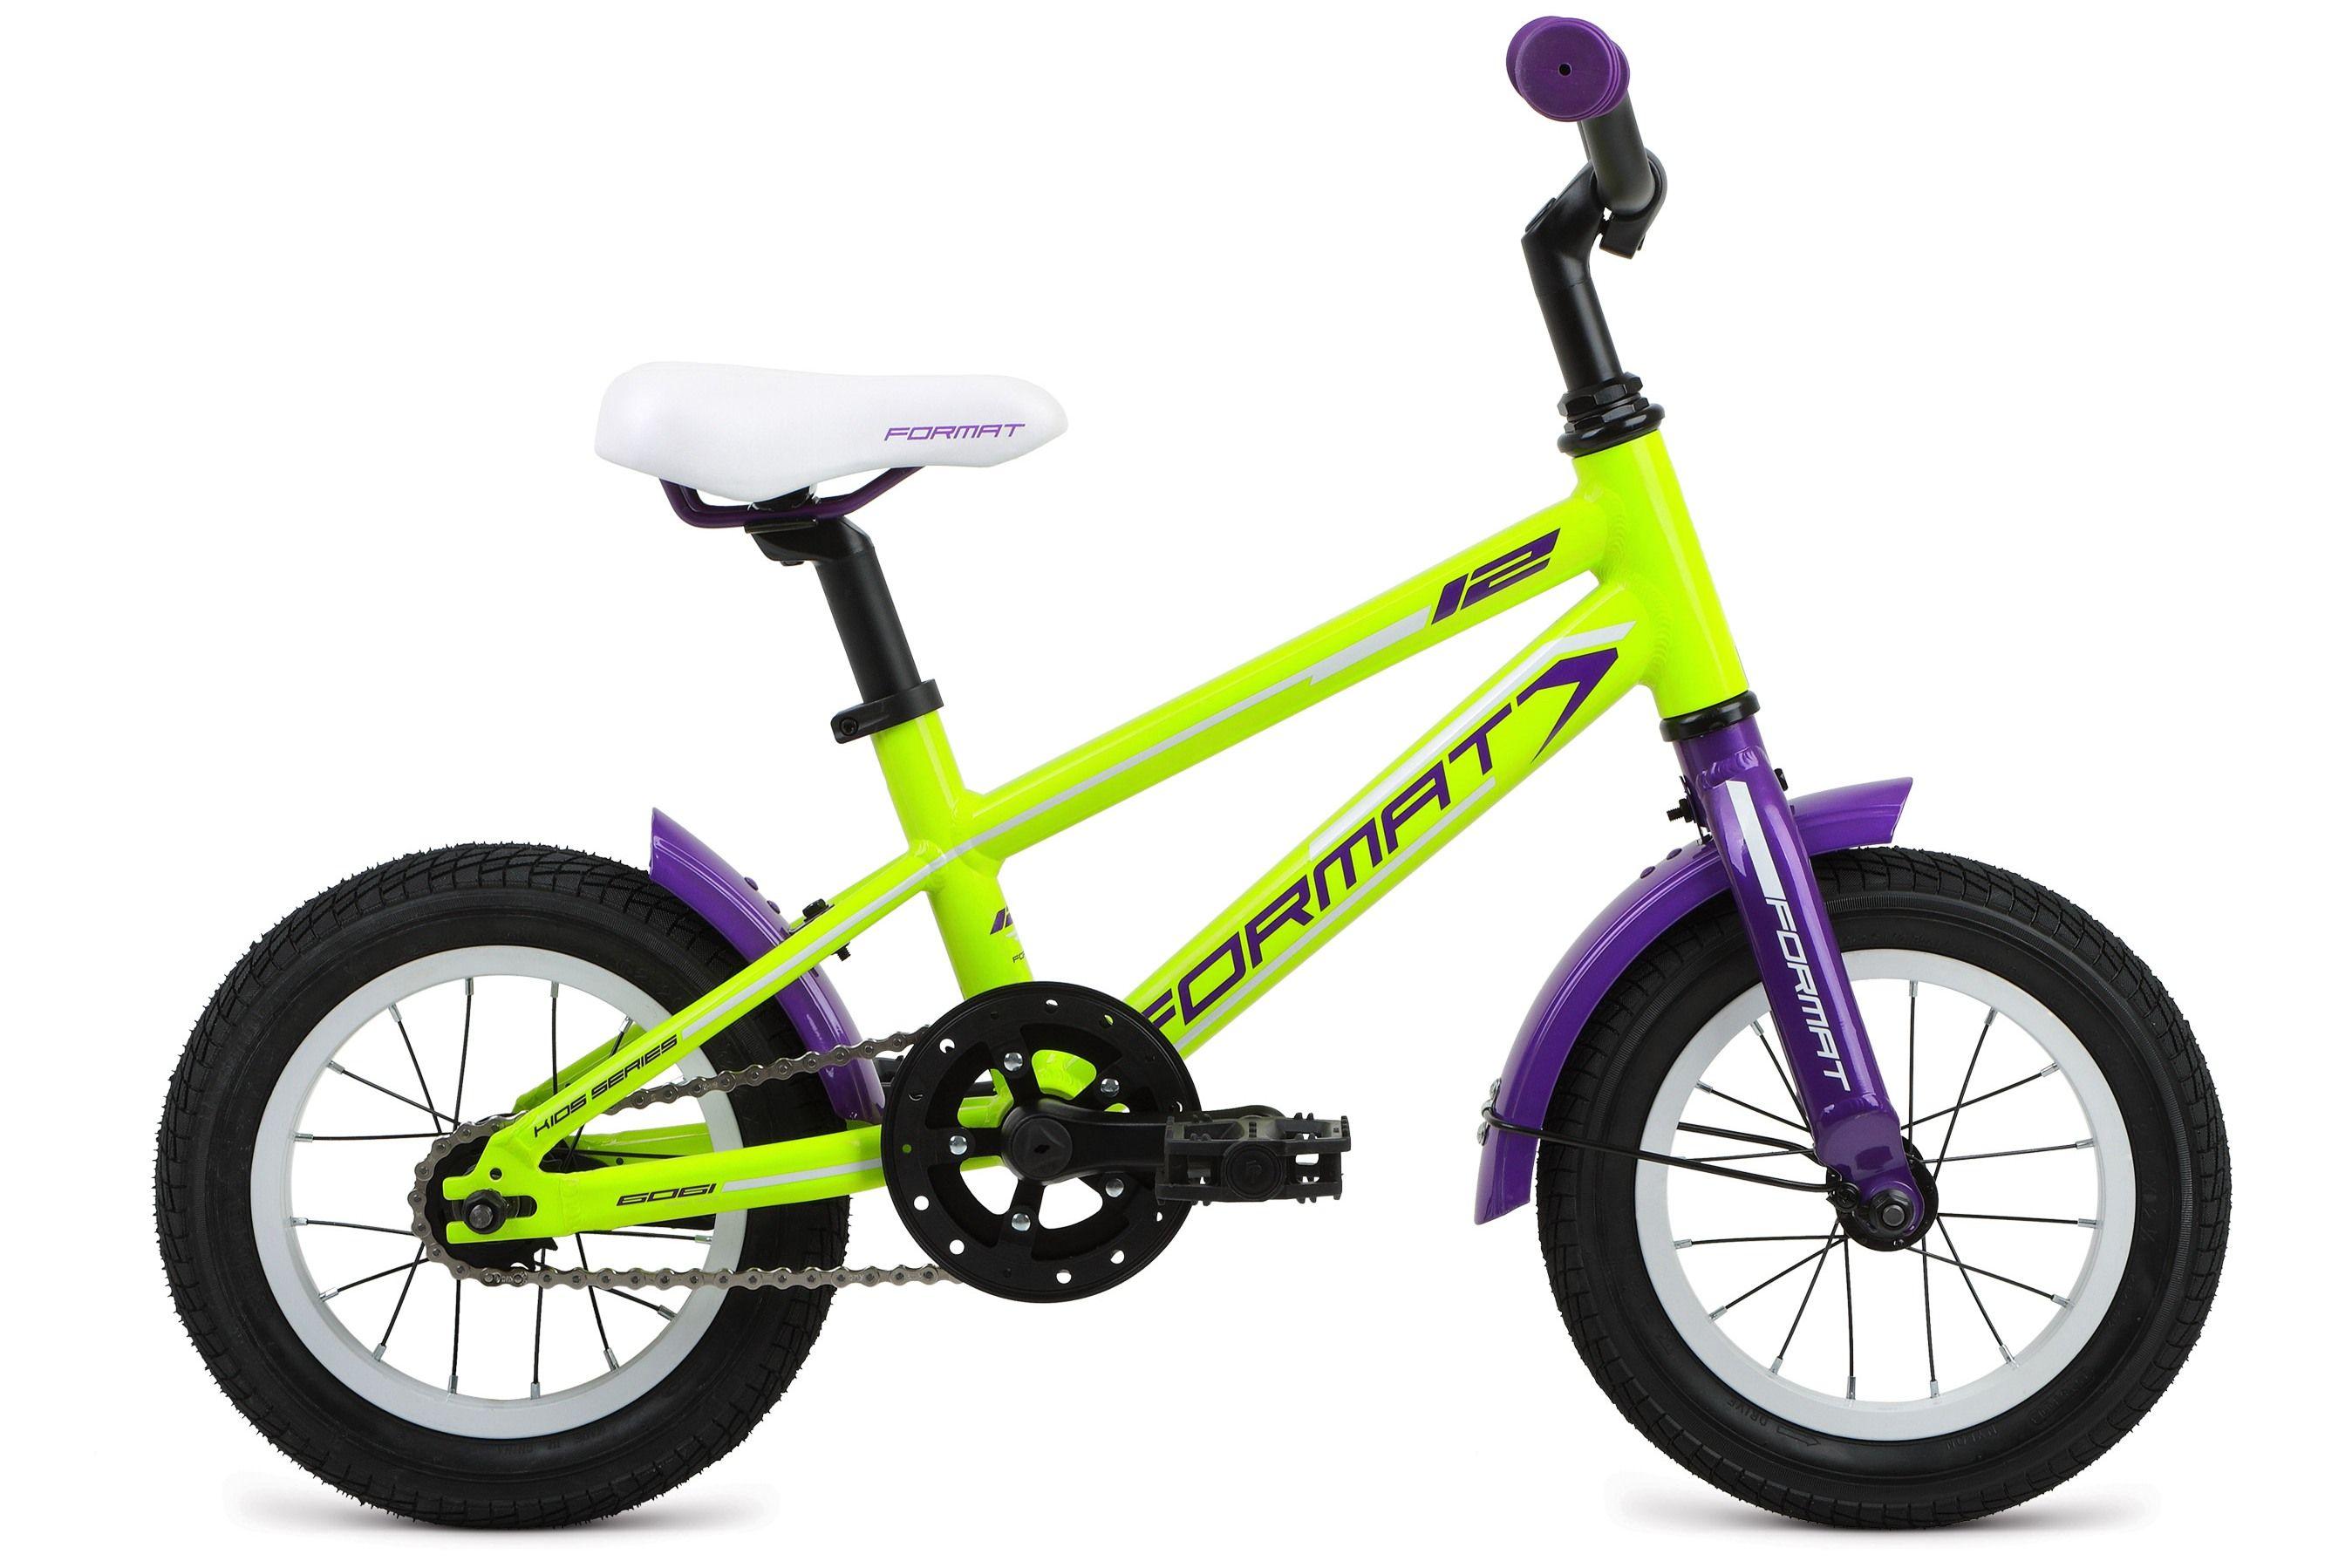 Велосипед Format Girl 12 (2017) желтый 7ОТ 1 ДО 3 ЛЕТ (12-14 ДЮЙМОВ)<br><br><br>бренд: FORMAT<br>год: 2017<br>рама: Алюминий (Alloy)<br>вилка: Жесткая (алюминий)<br>блокировка амортизатора: Нет<br>диаметр колес: 12<br>тормоза: Ножной ( Coaster brake)<br>уровень оборудования: Начальный<br>количество скоростей: 1<br>Цвет: желтый<br>Размер: 7